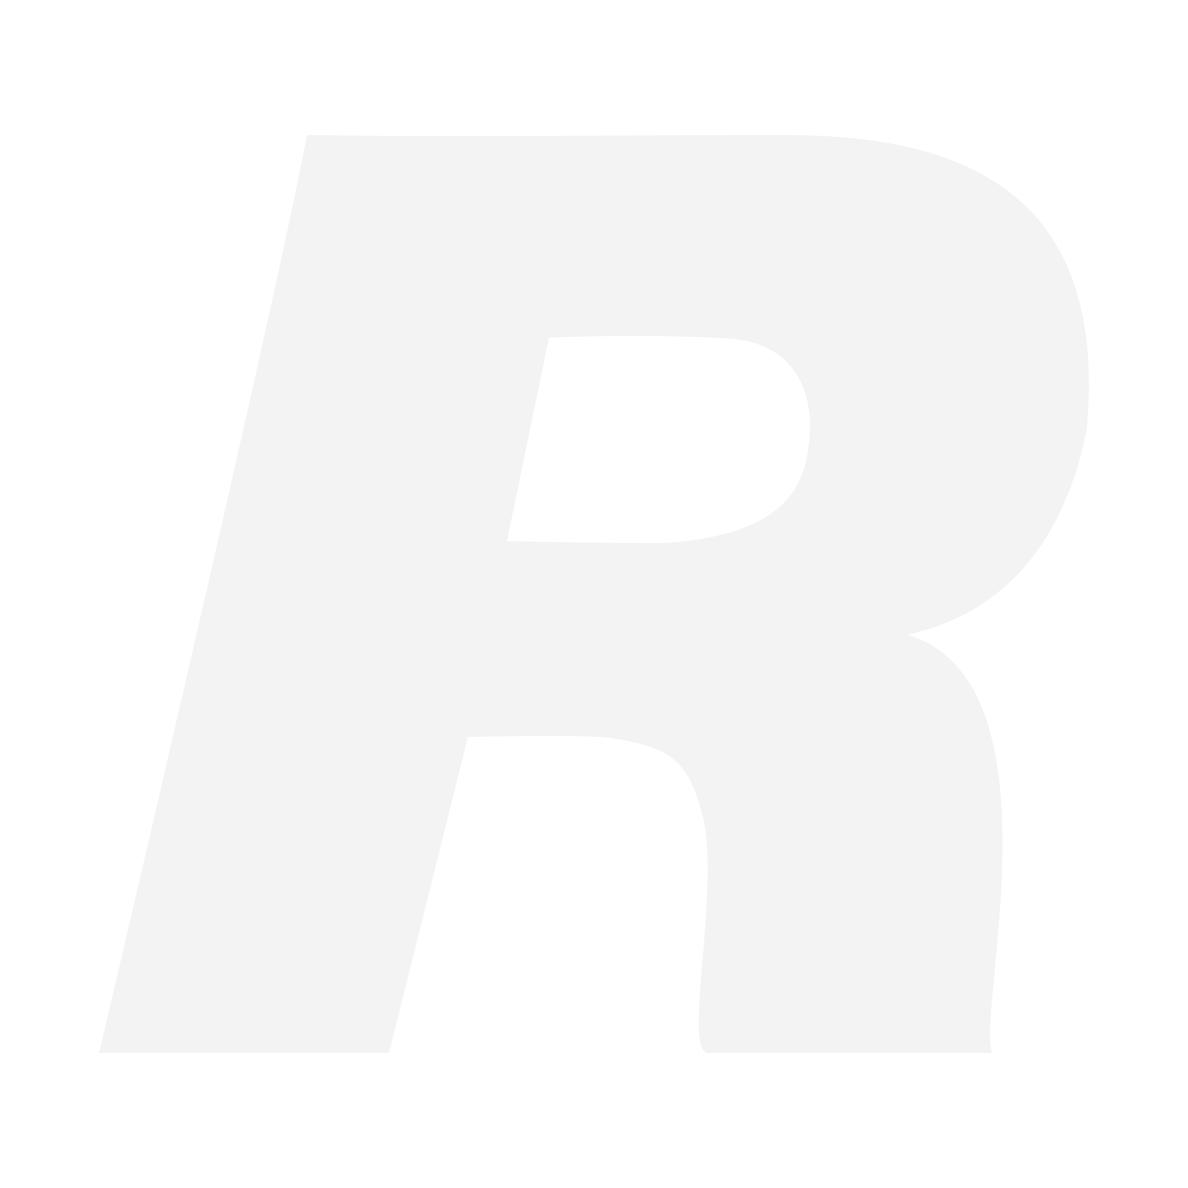 Rode Blimp-R teline ja tuulisuoja (NTG1, NTG2, NTG3)